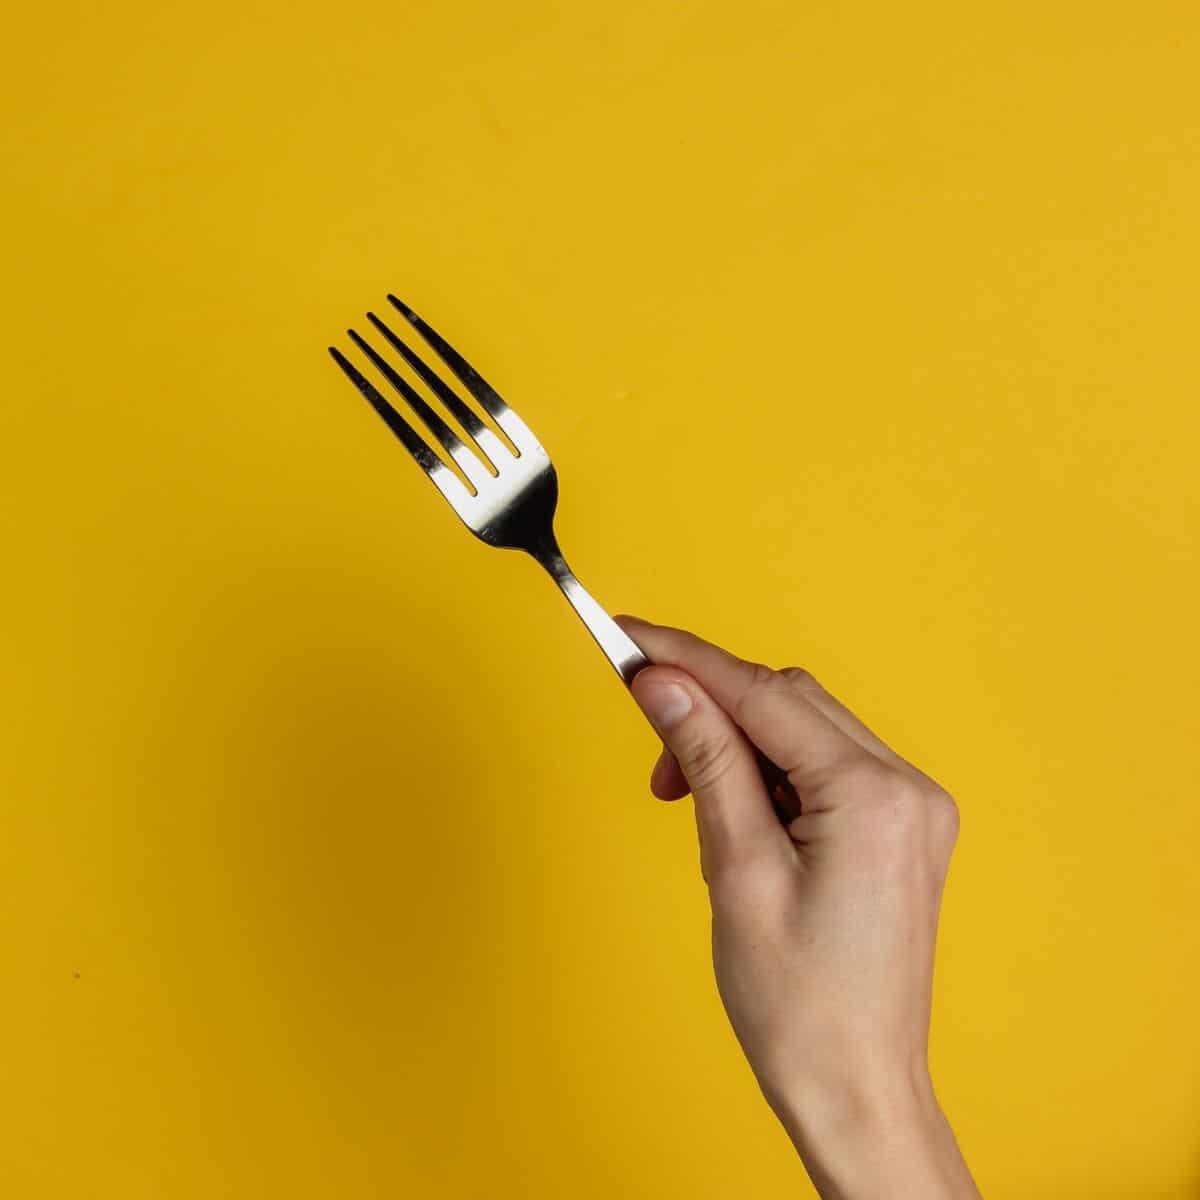 Astuce nettoyage: voici le meilleur moyen de nettoyer vos fourchettes pour qu'elles soient plus belles que neuves!